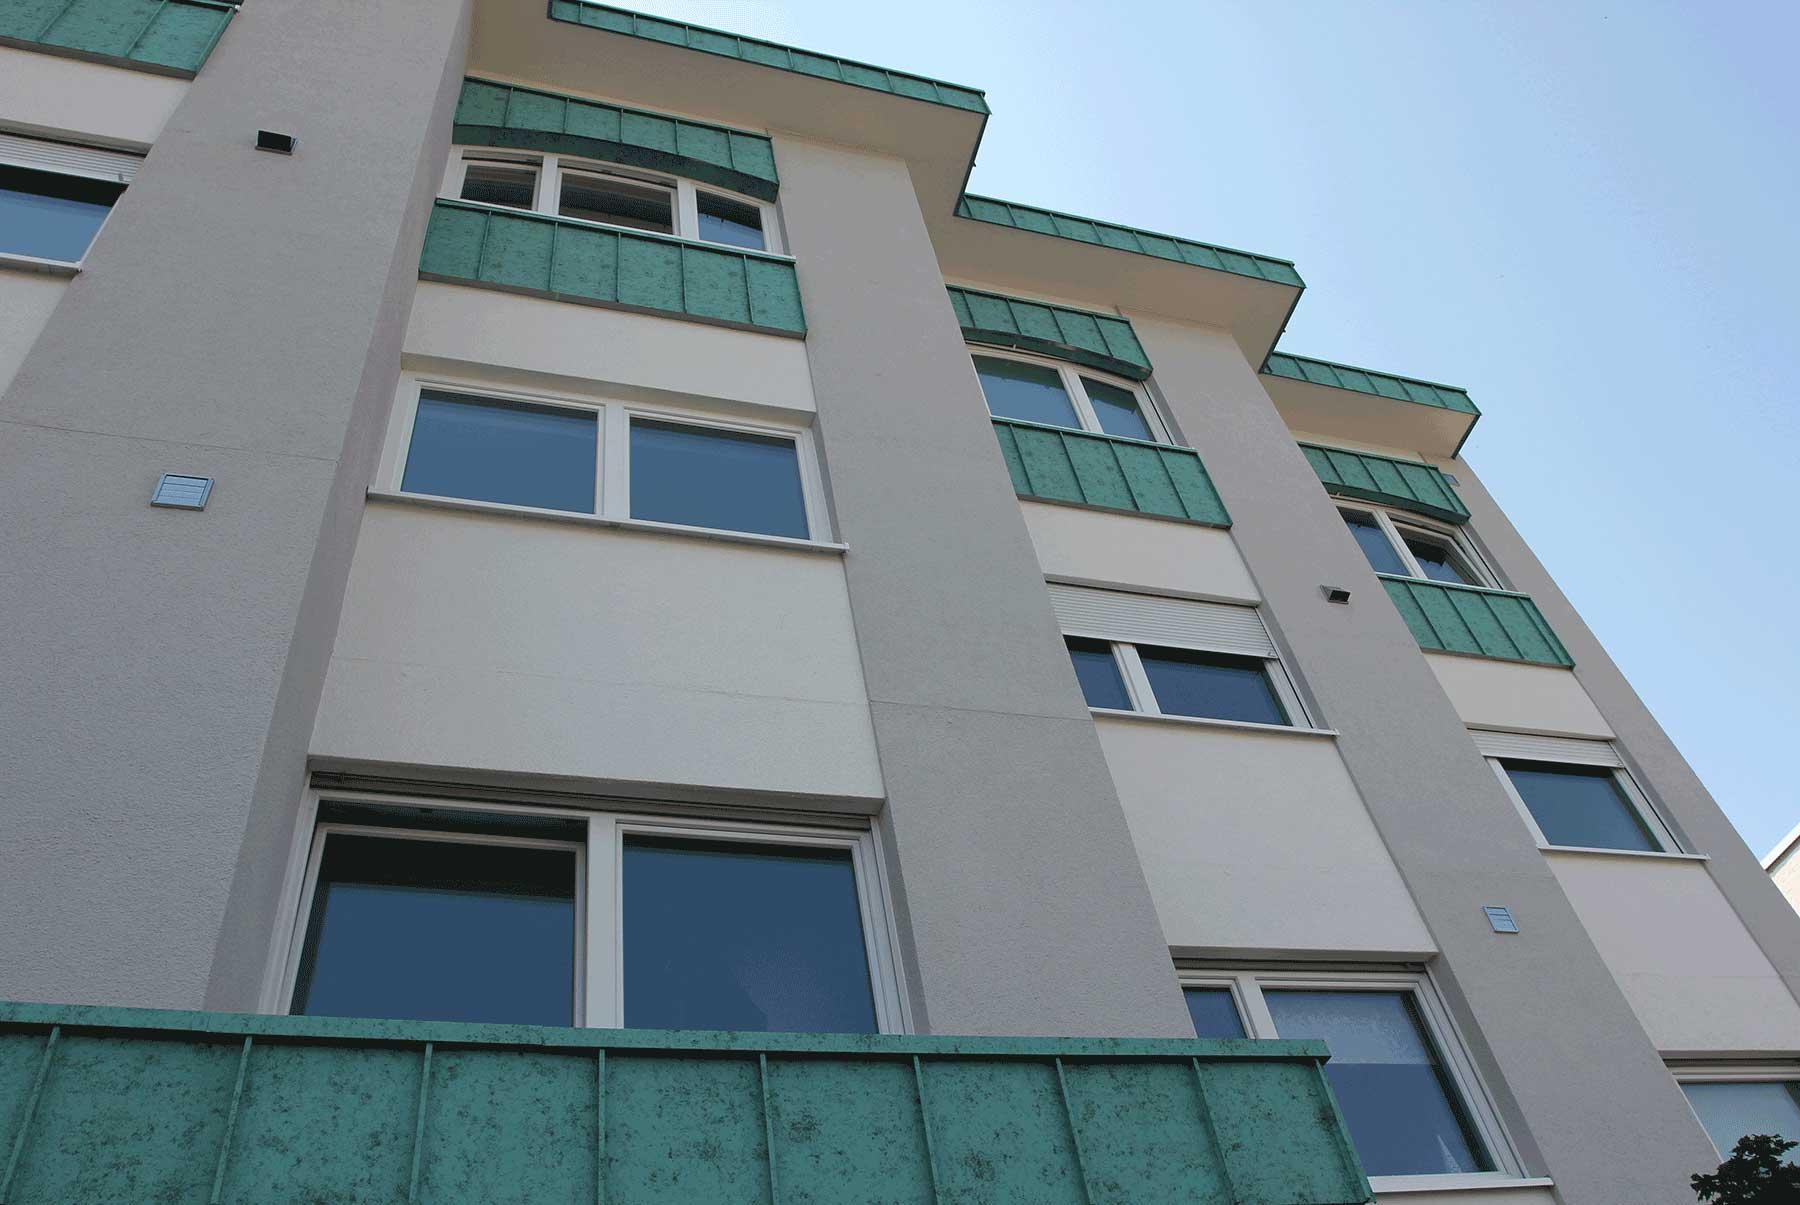 TR47_Fassade_MayerSchmidtkeArchitekten